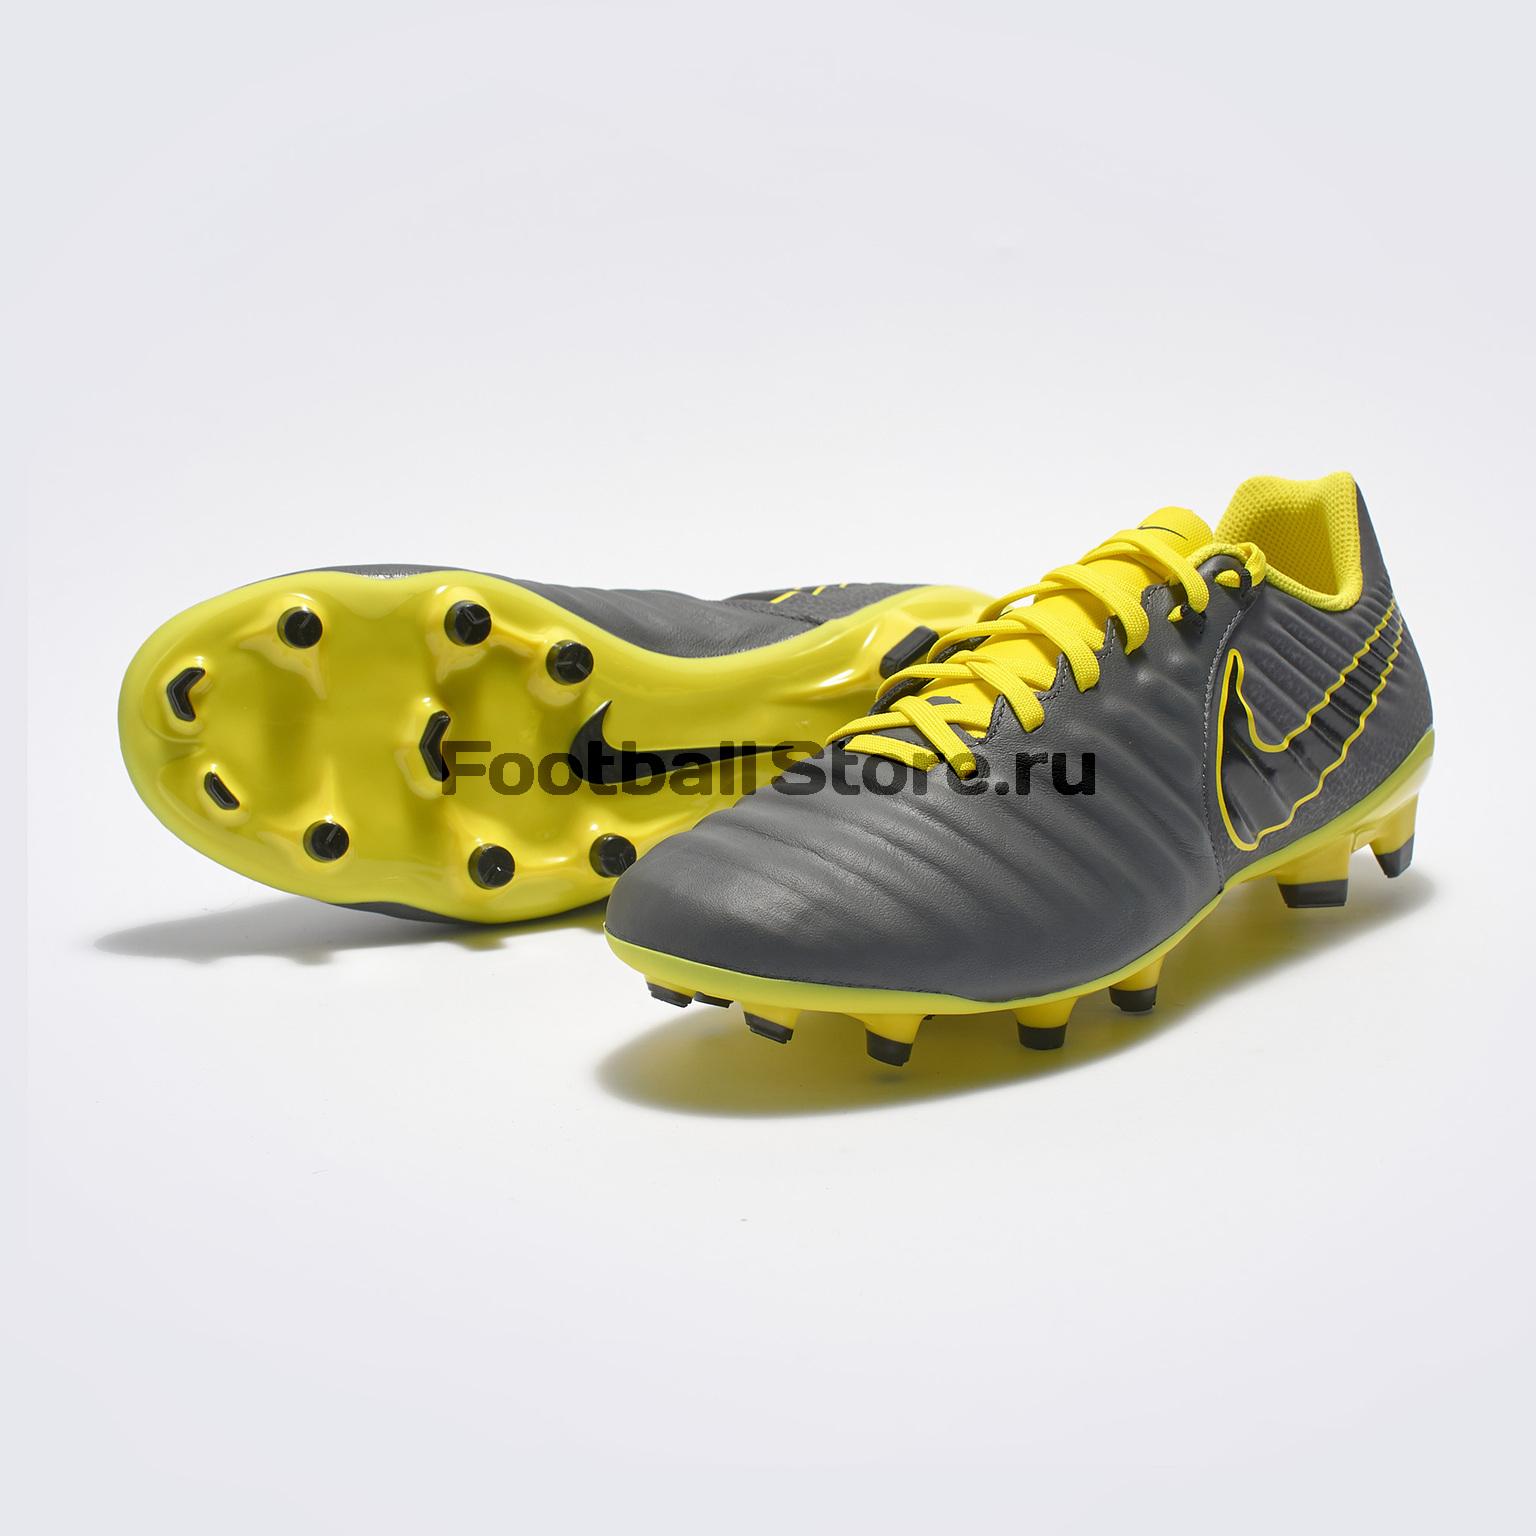 Бутсы Nike Legend 7 Academy FG AH7242-070 бутсы для мальчика nike jr legend 7 academy fg цвет белый ah7254 107 размер 12c 28 5